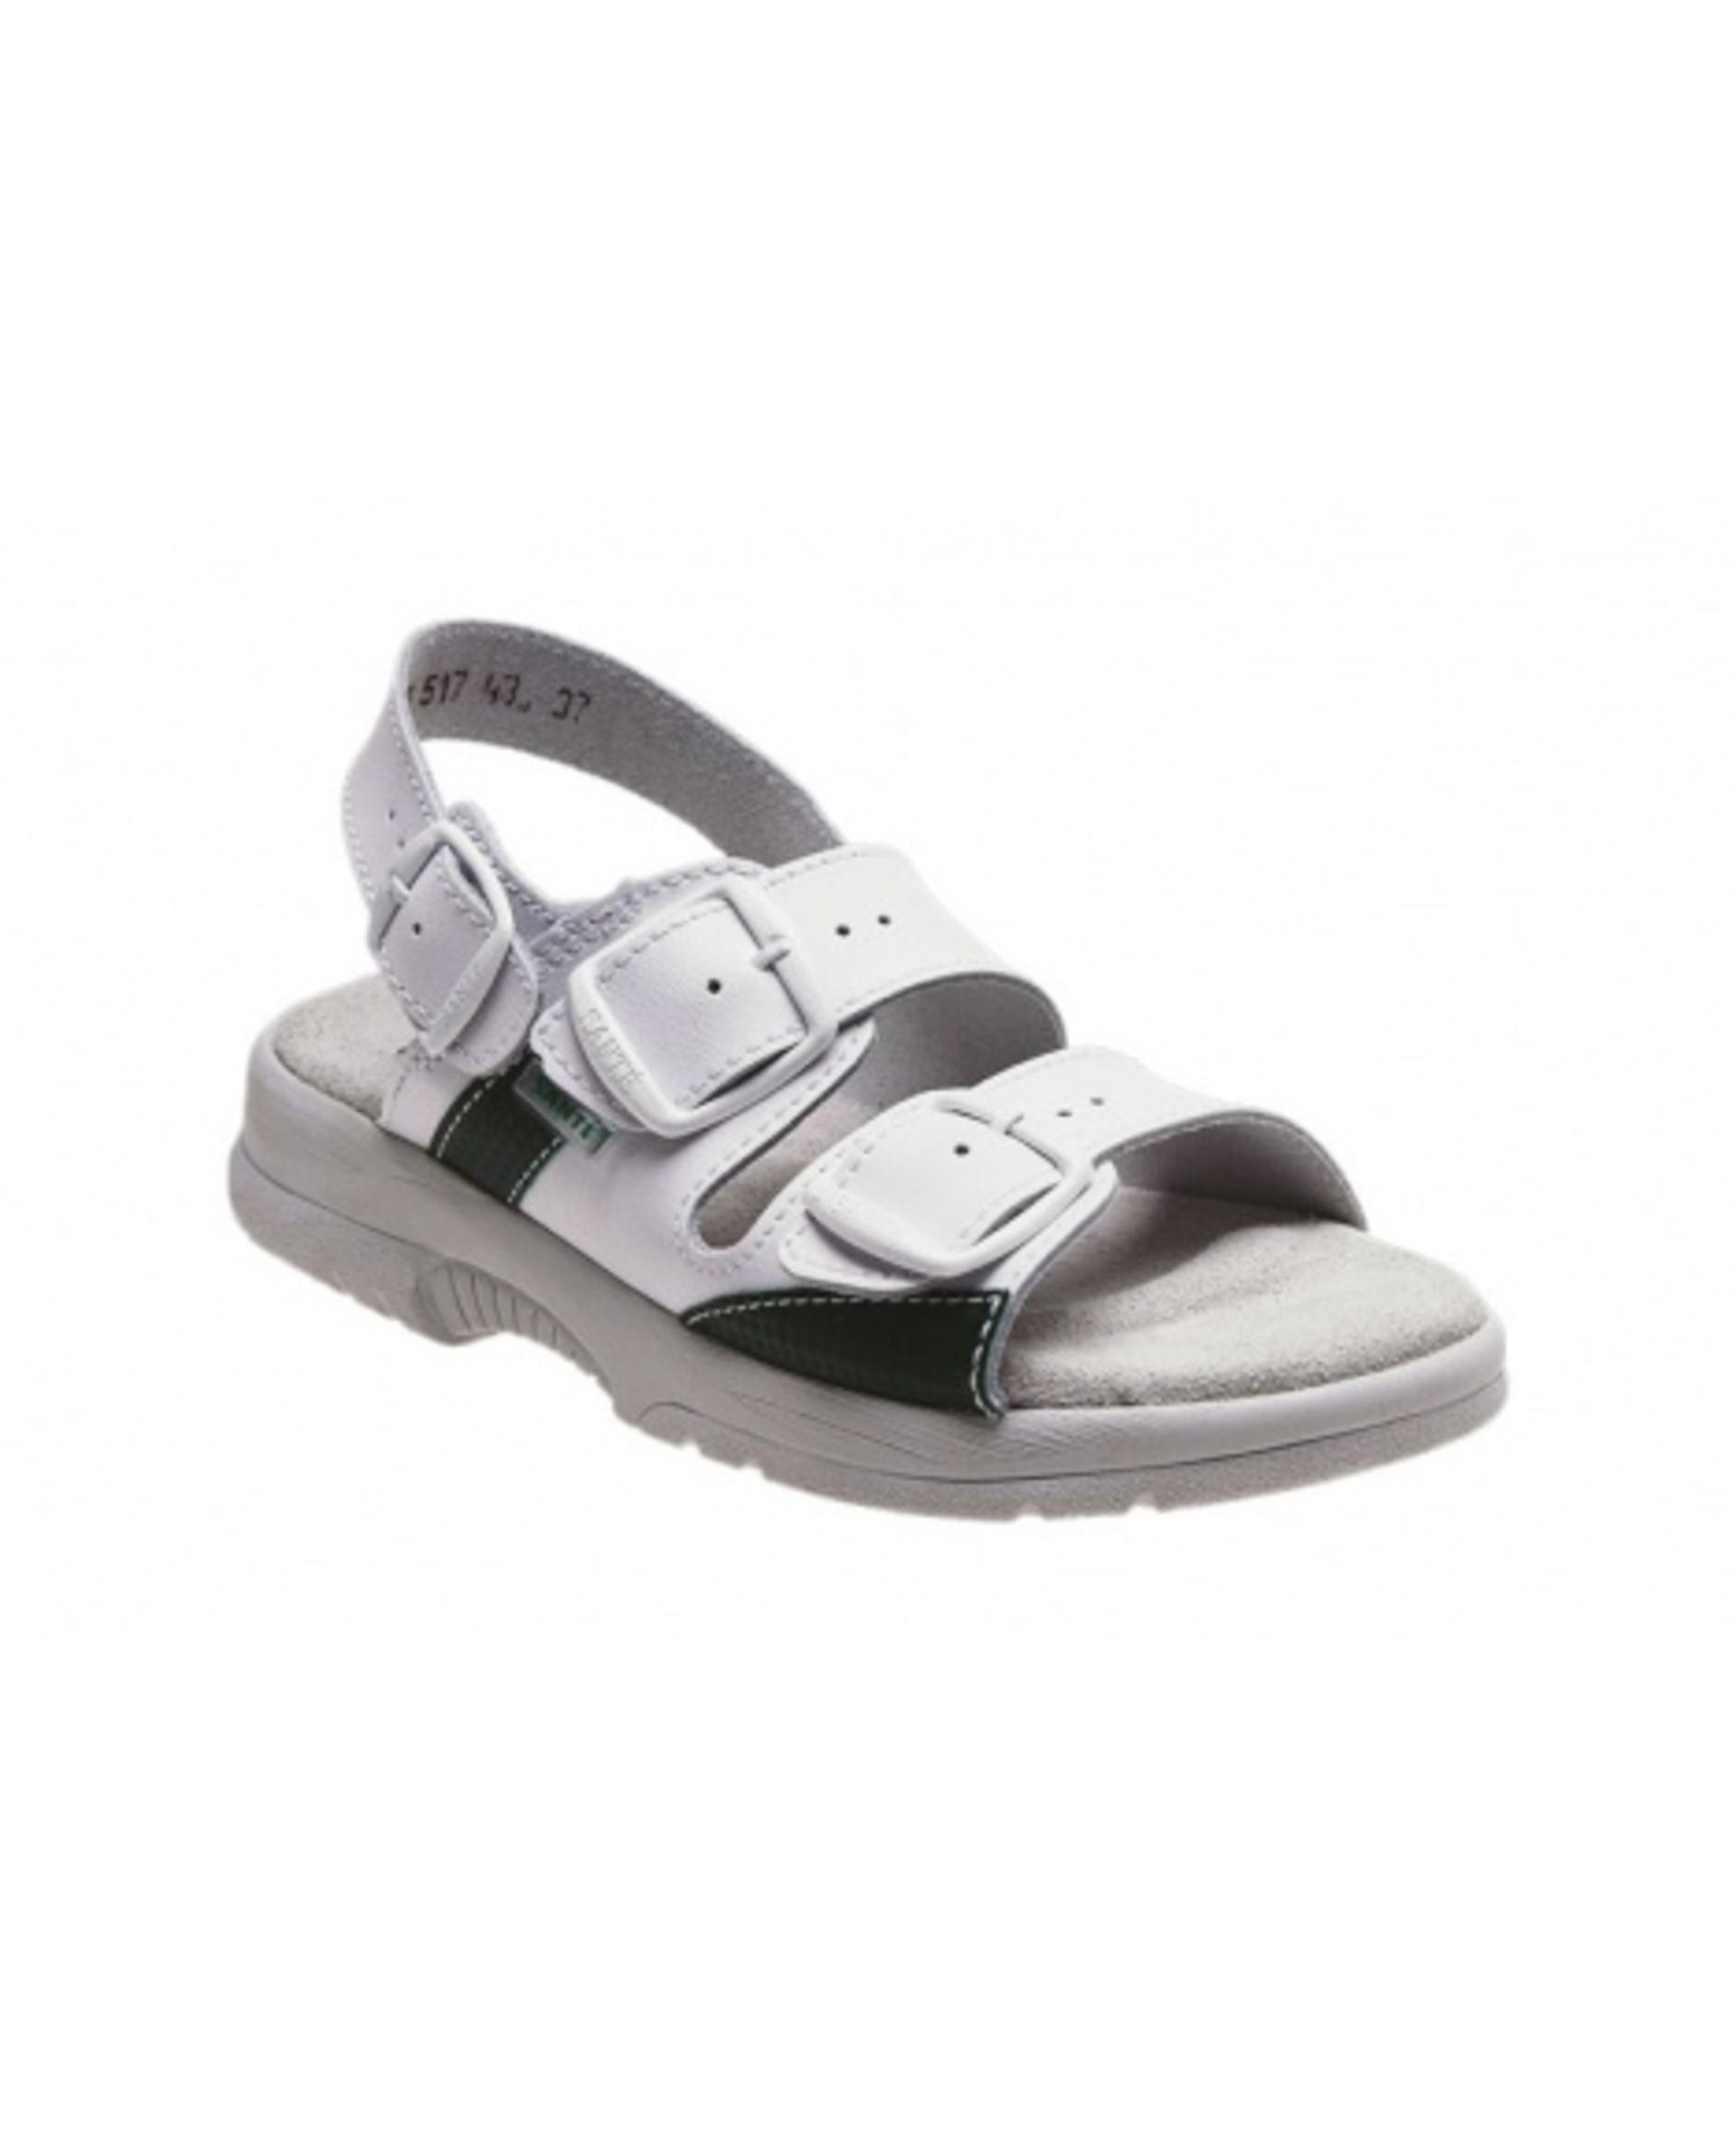 SANTÉ N/517/45/10 pánské Sandály bílá/zelená 42 + Bezplatné vrácení zboží